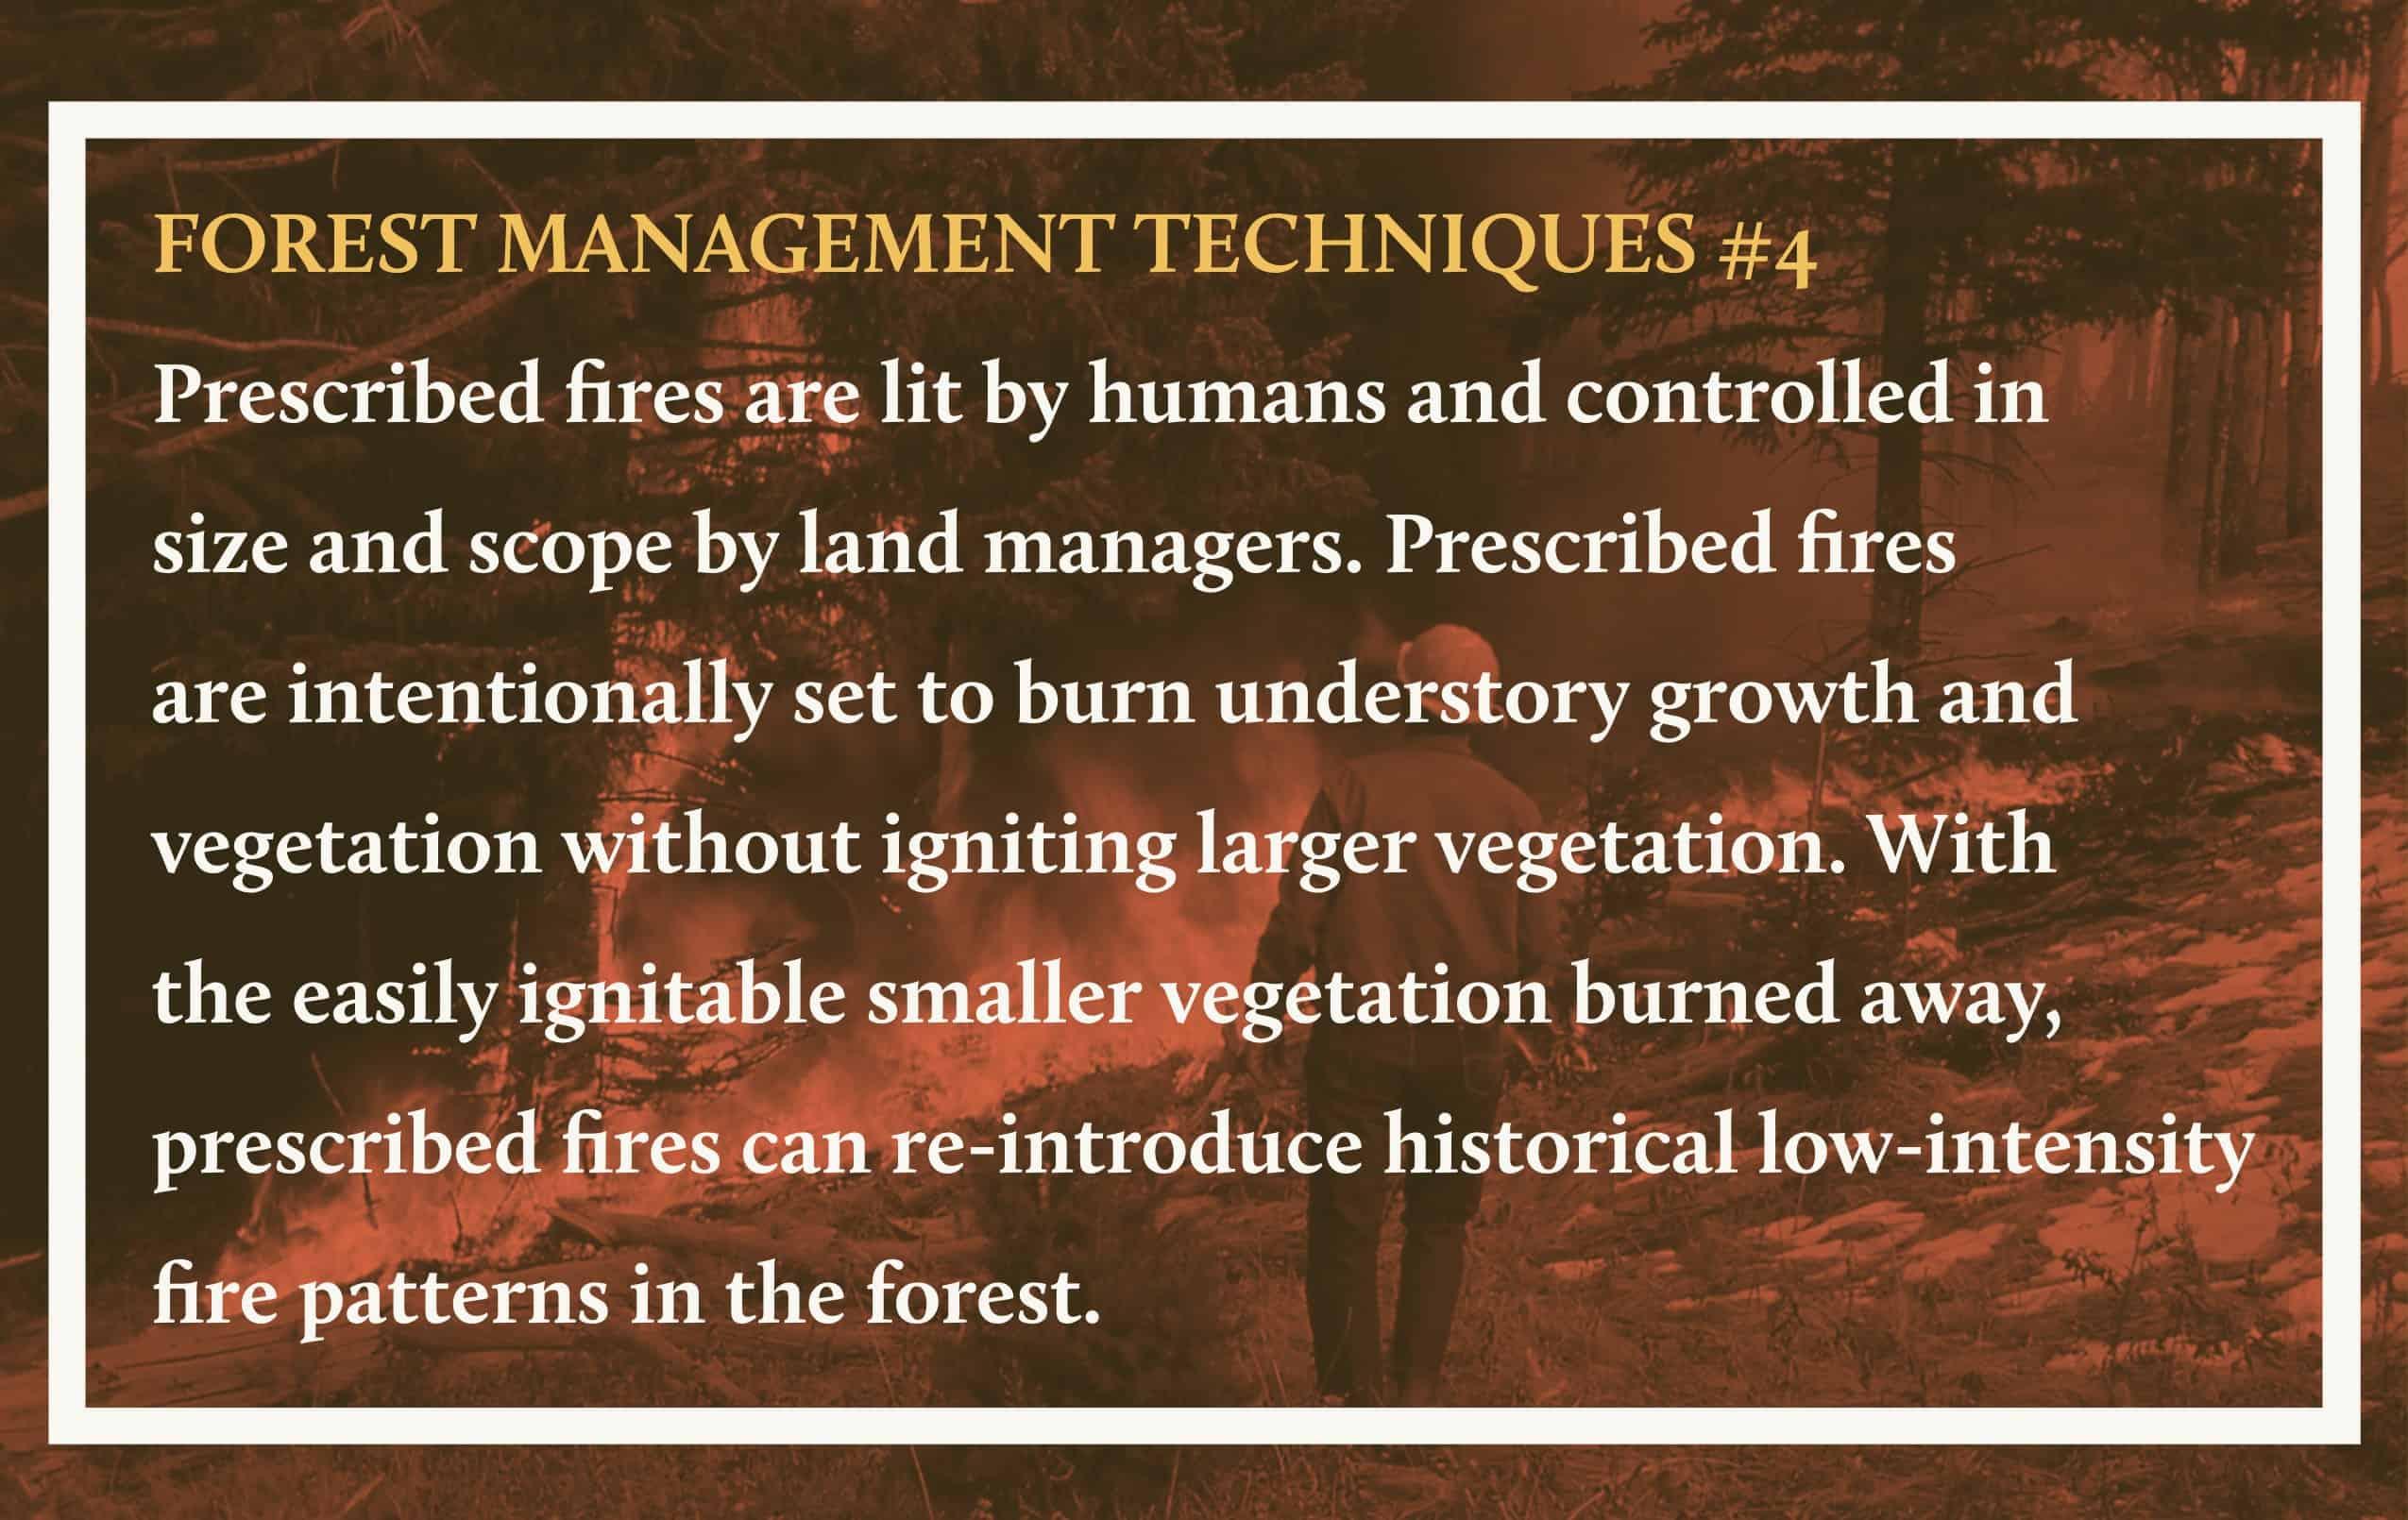 Forest Management Techniques 4 (1)